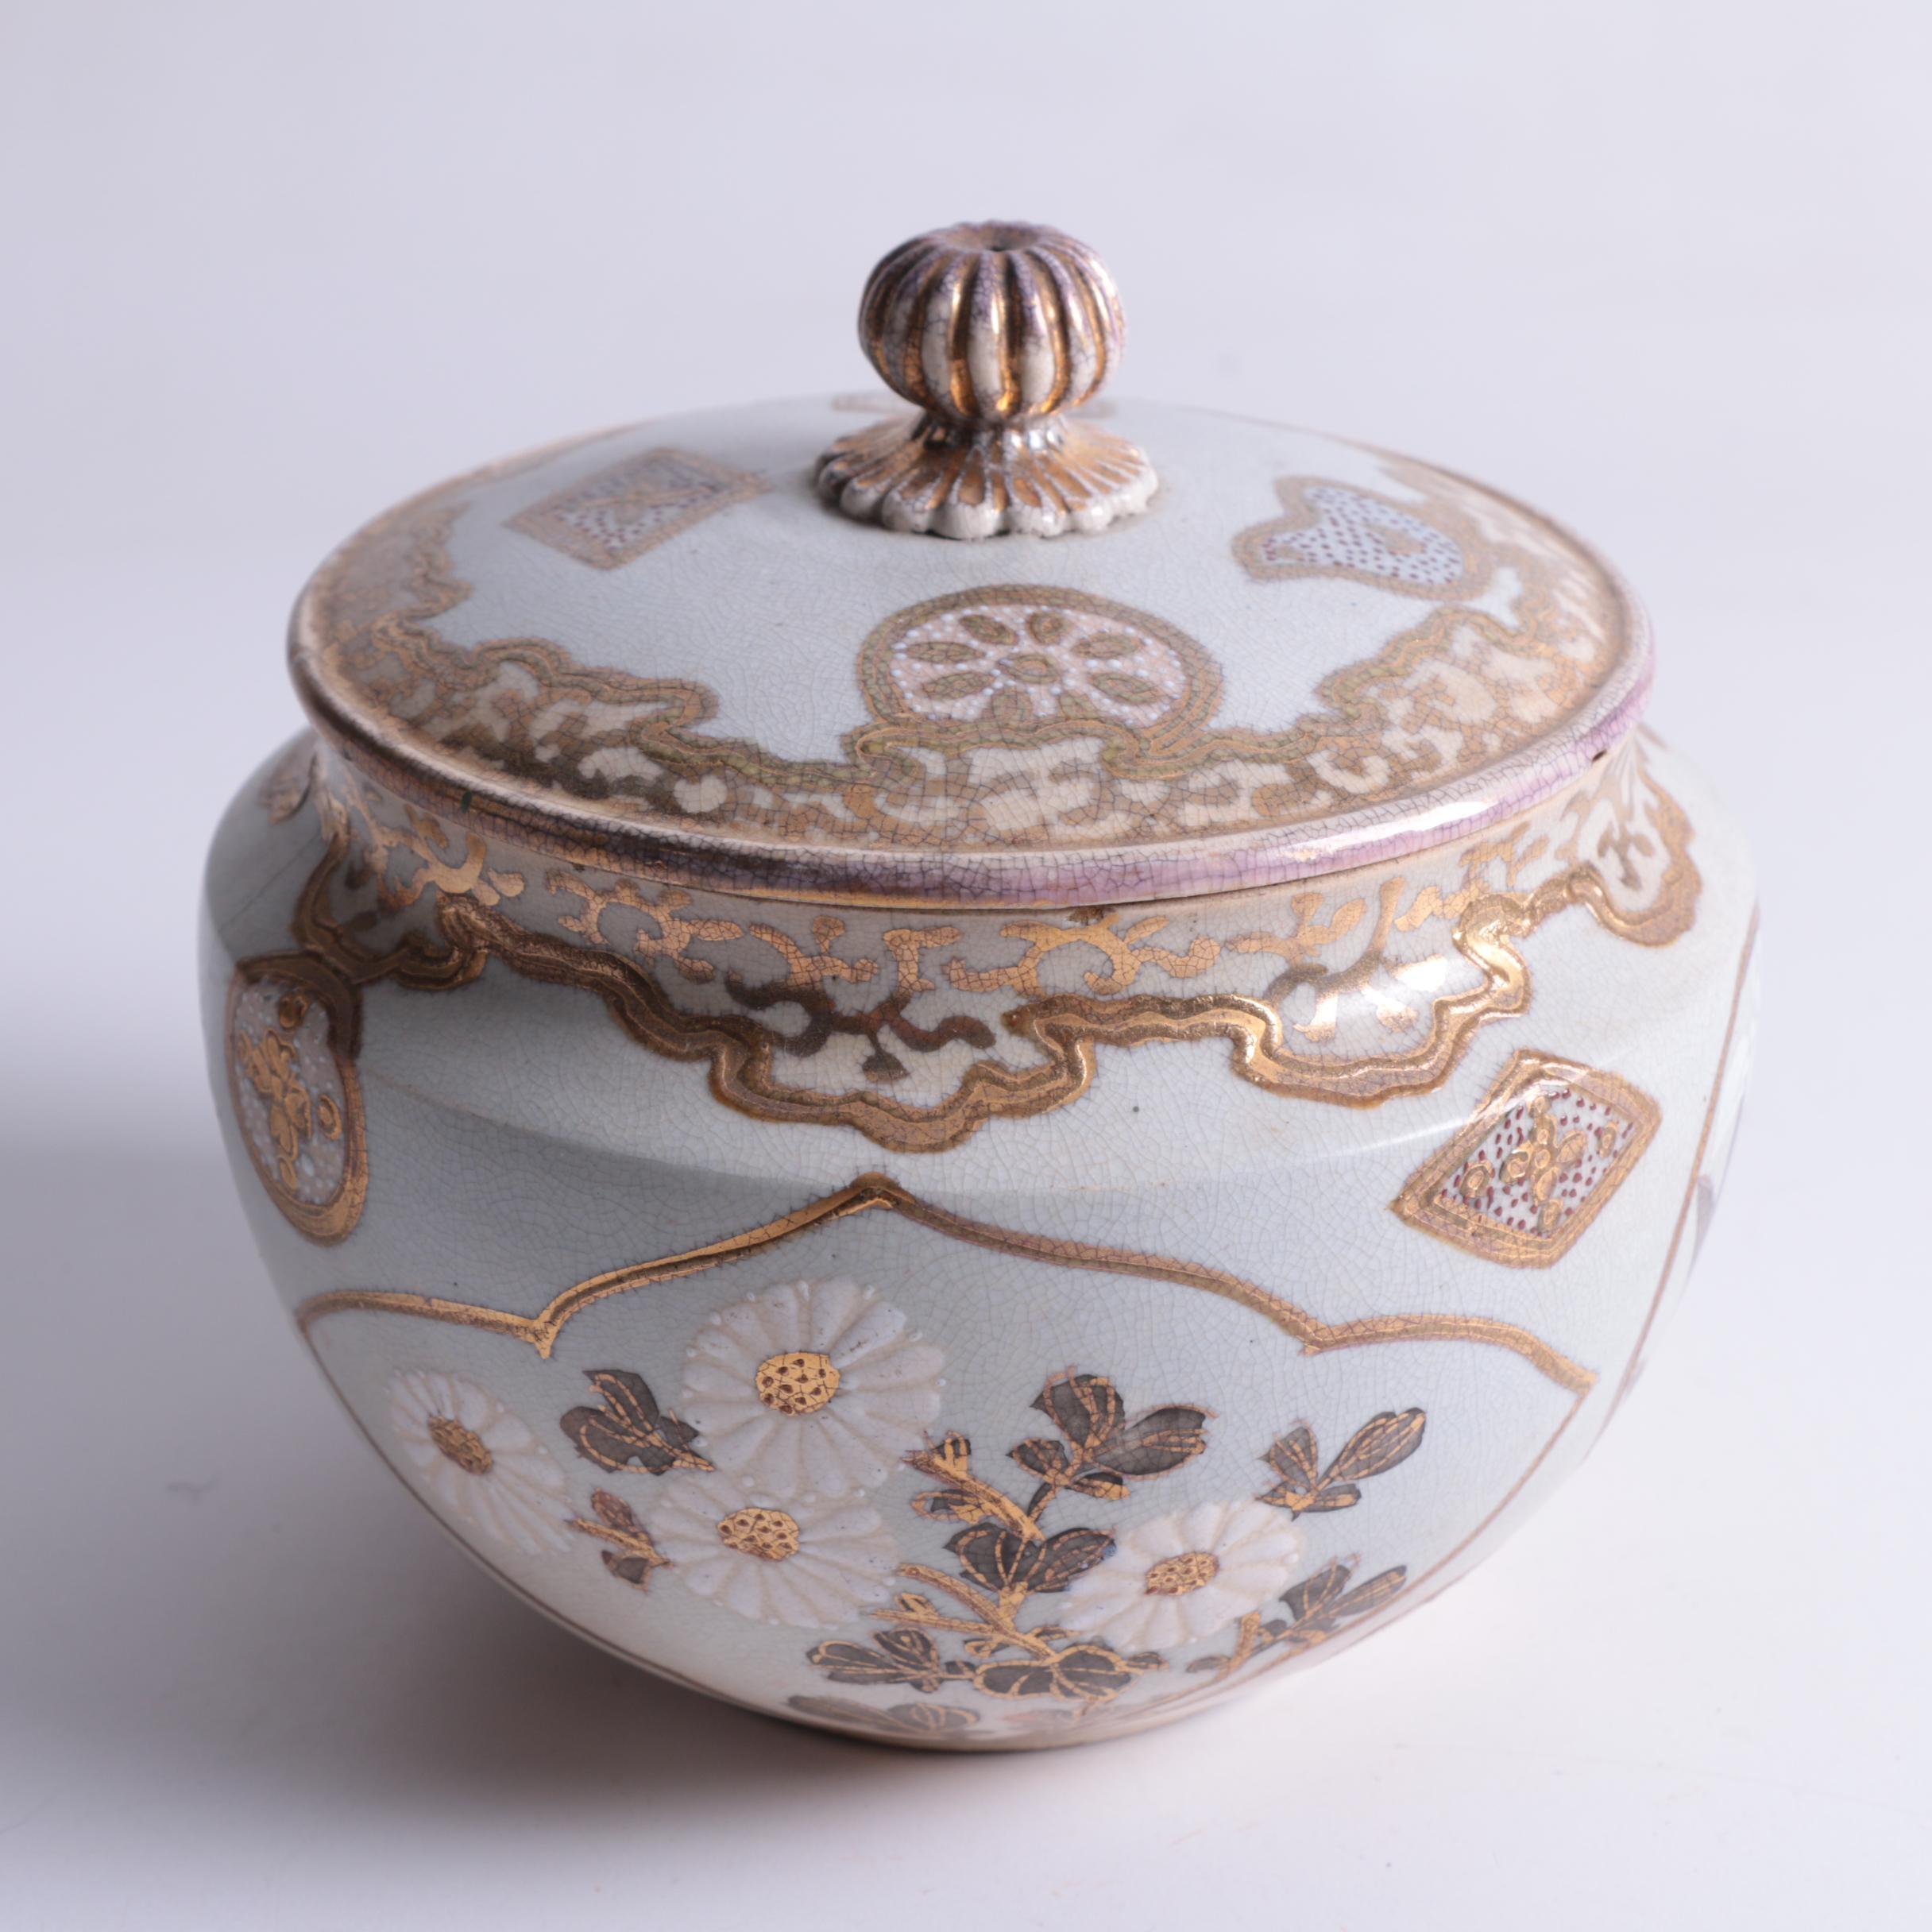 Vintage Japanese Porcelain Trinket Box